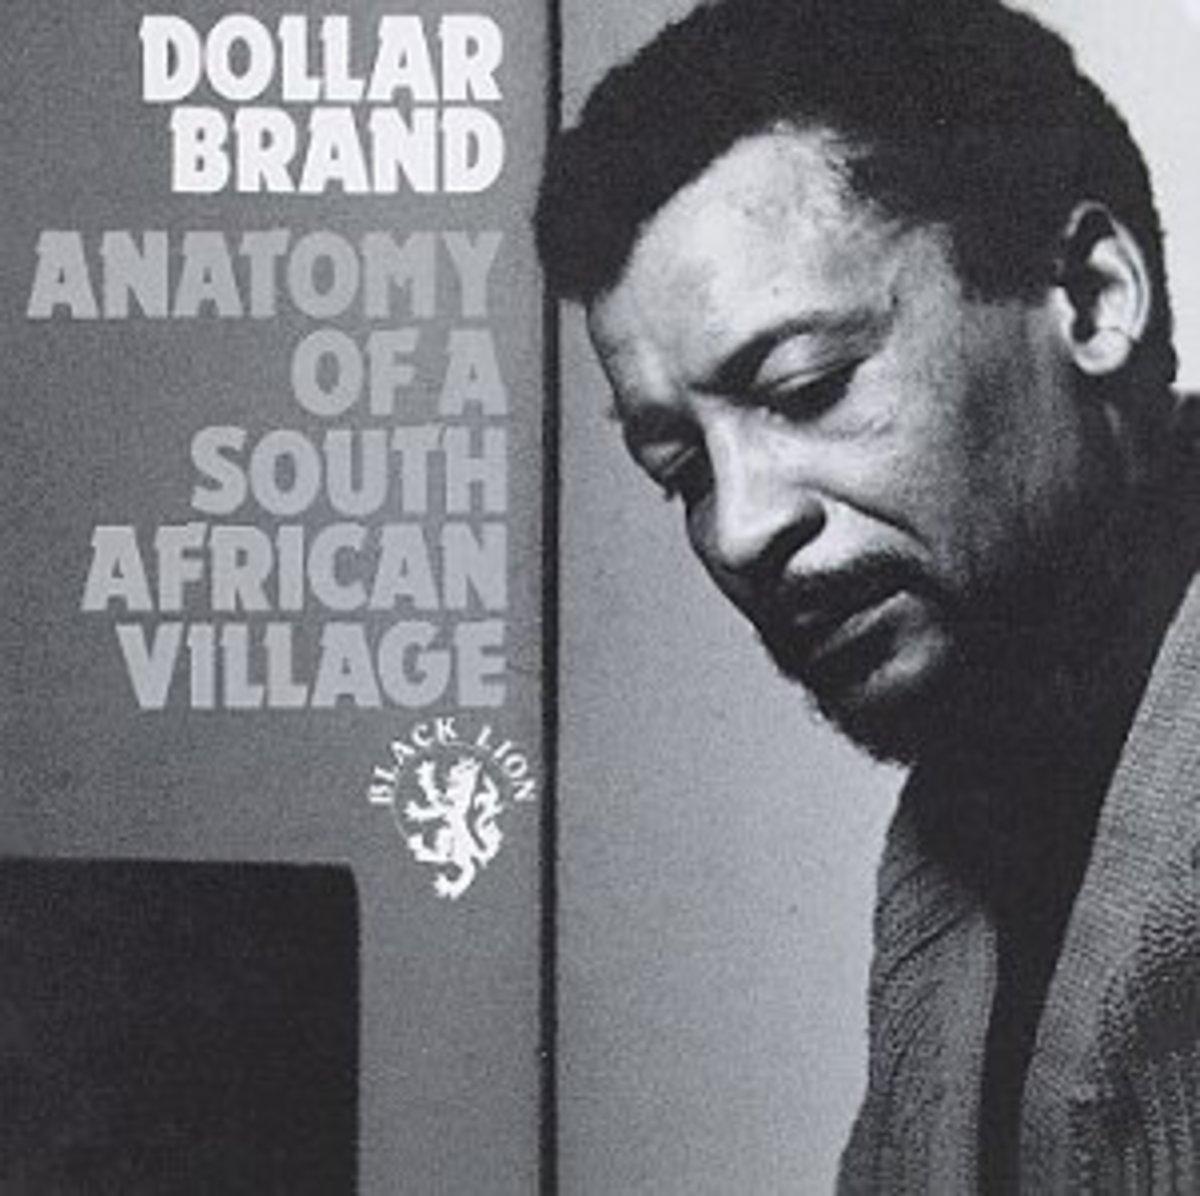 Abdulah Ibrahim, a South African Jazz pianist